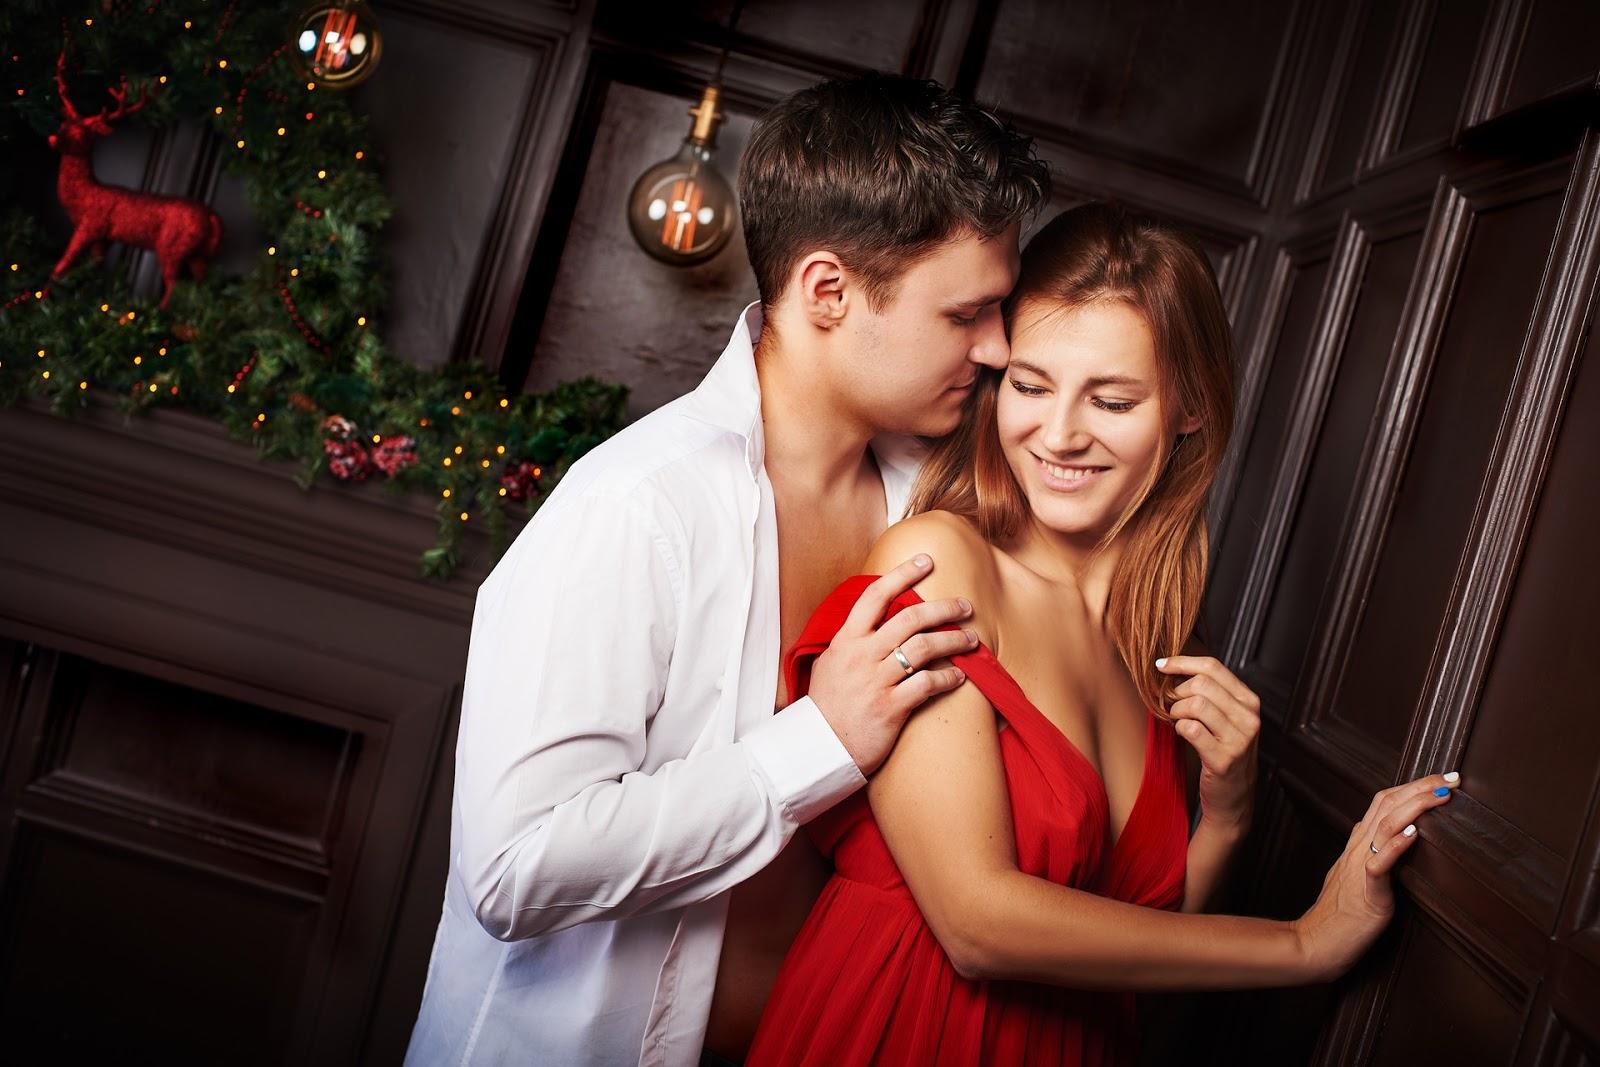 ಹೊಸ ಪ್ರೇಮಿಗಳಿಗೆ 12 ಸಲಹೆಗಳು : 12 Tips for Lovers in Kannada